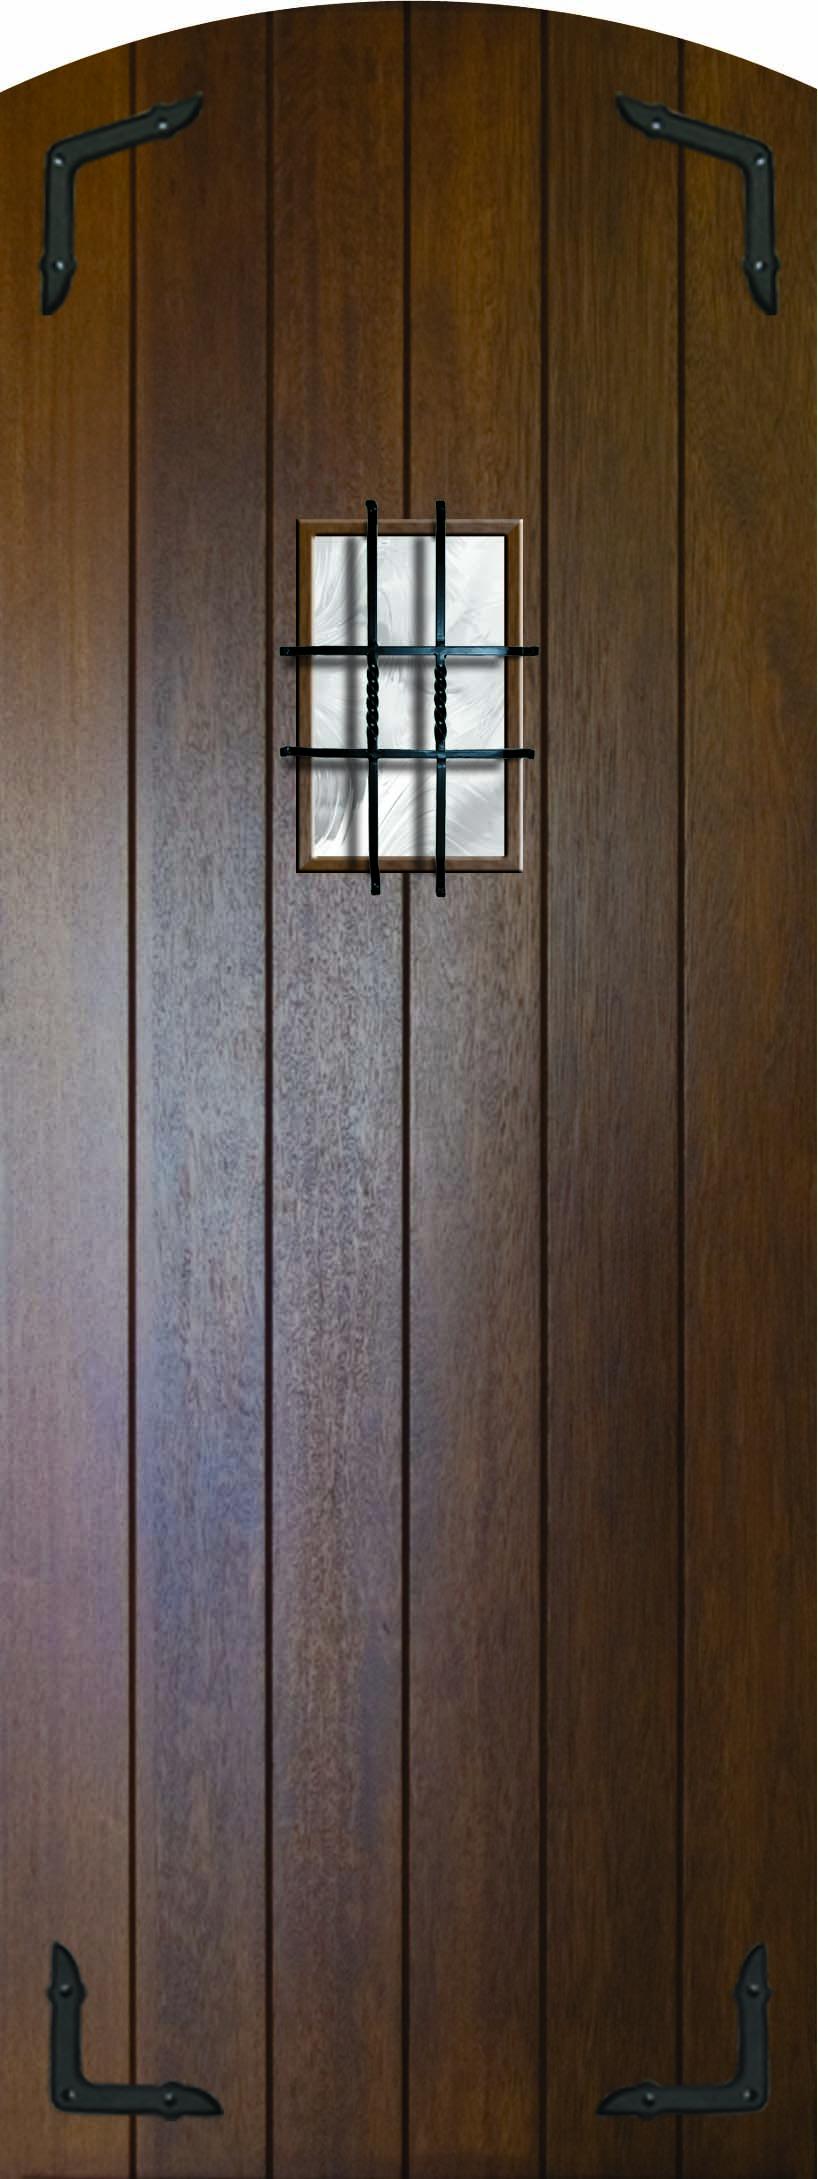 Wondrous Arched And Round Top Wood Doors The Front Door Company Door Handles Collection Olytizonderlifede